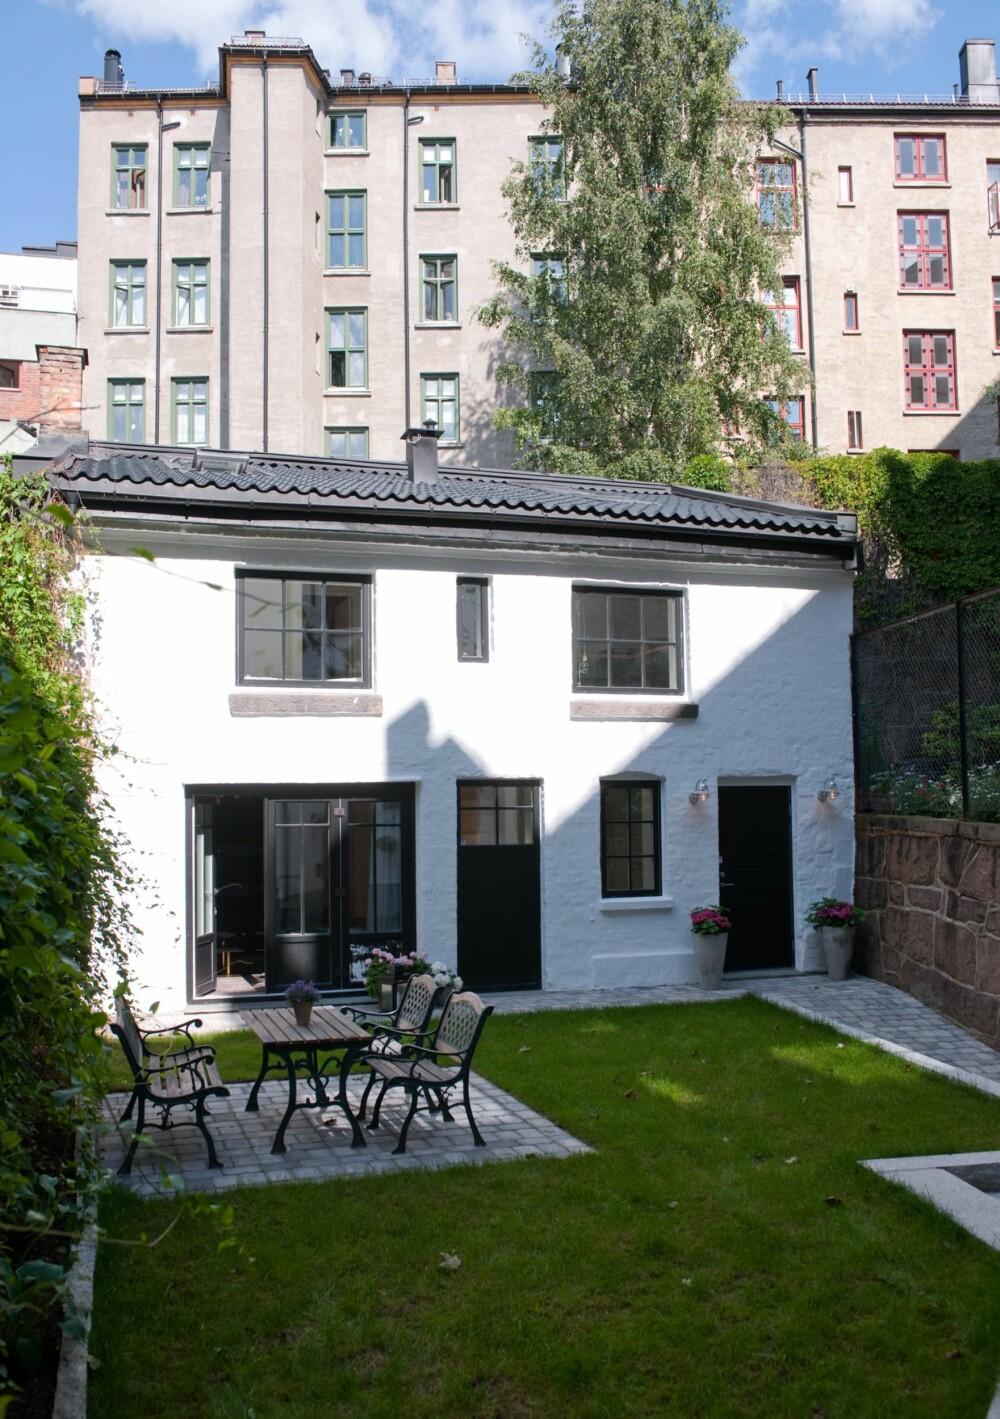 ENESTÅENDE ENEBOLIG: Den ombygde stallbygningen ligger omkranset av høye bygårder midt i Oslo. I forbindelse med renoveringen ble både vinduskarmene og dørene malt svarte.